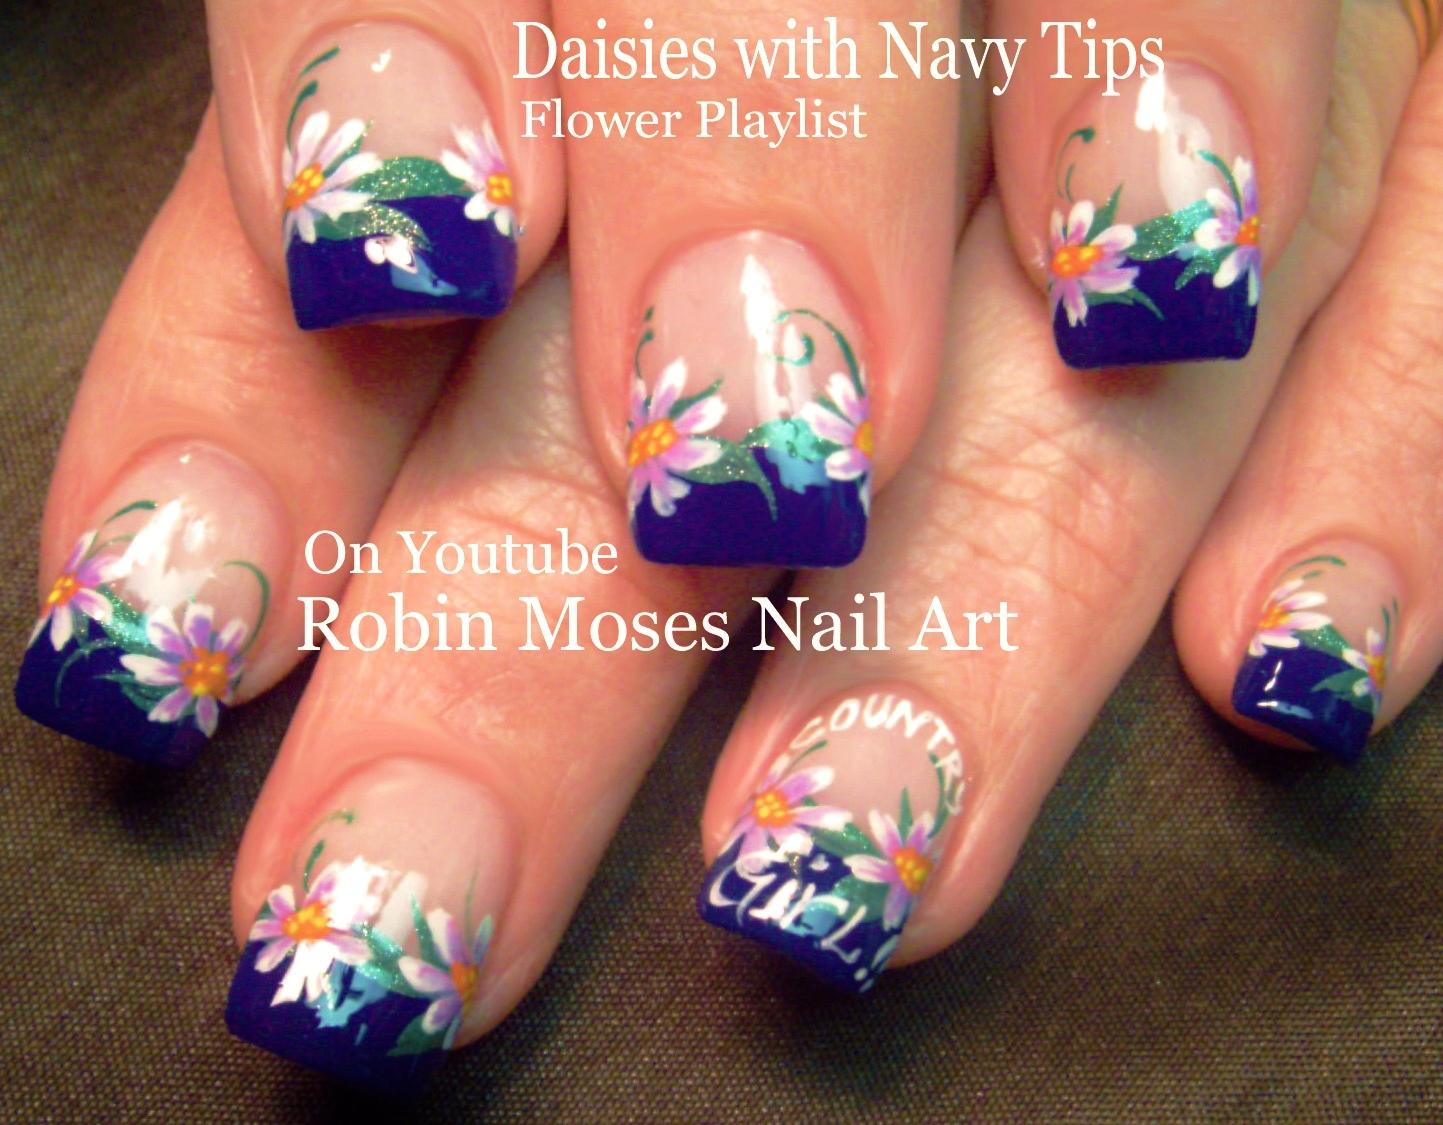 Robin Moses Nail Art: 42 Daisy Nail Art Designs in my New